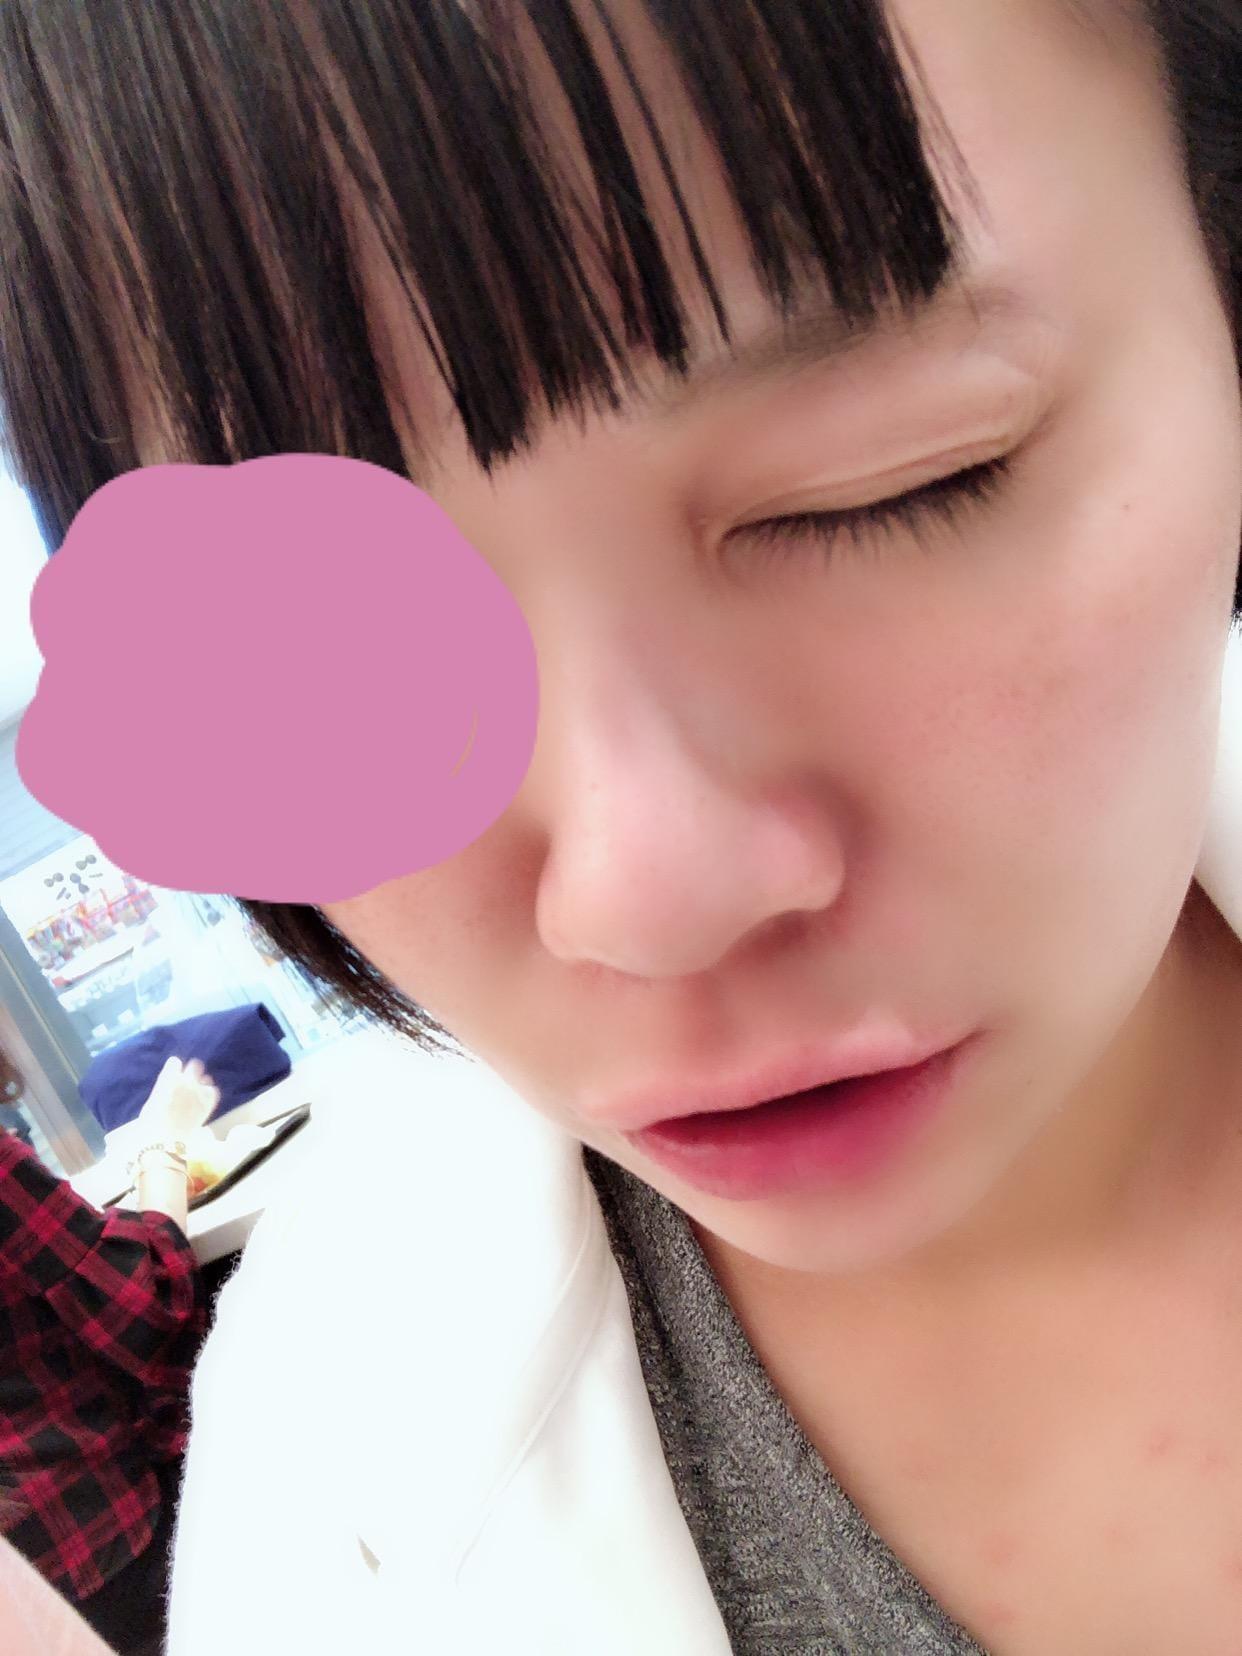 「京都ついたー???」09/26(09/26) 06:18 | まこの写メ・風俗動画